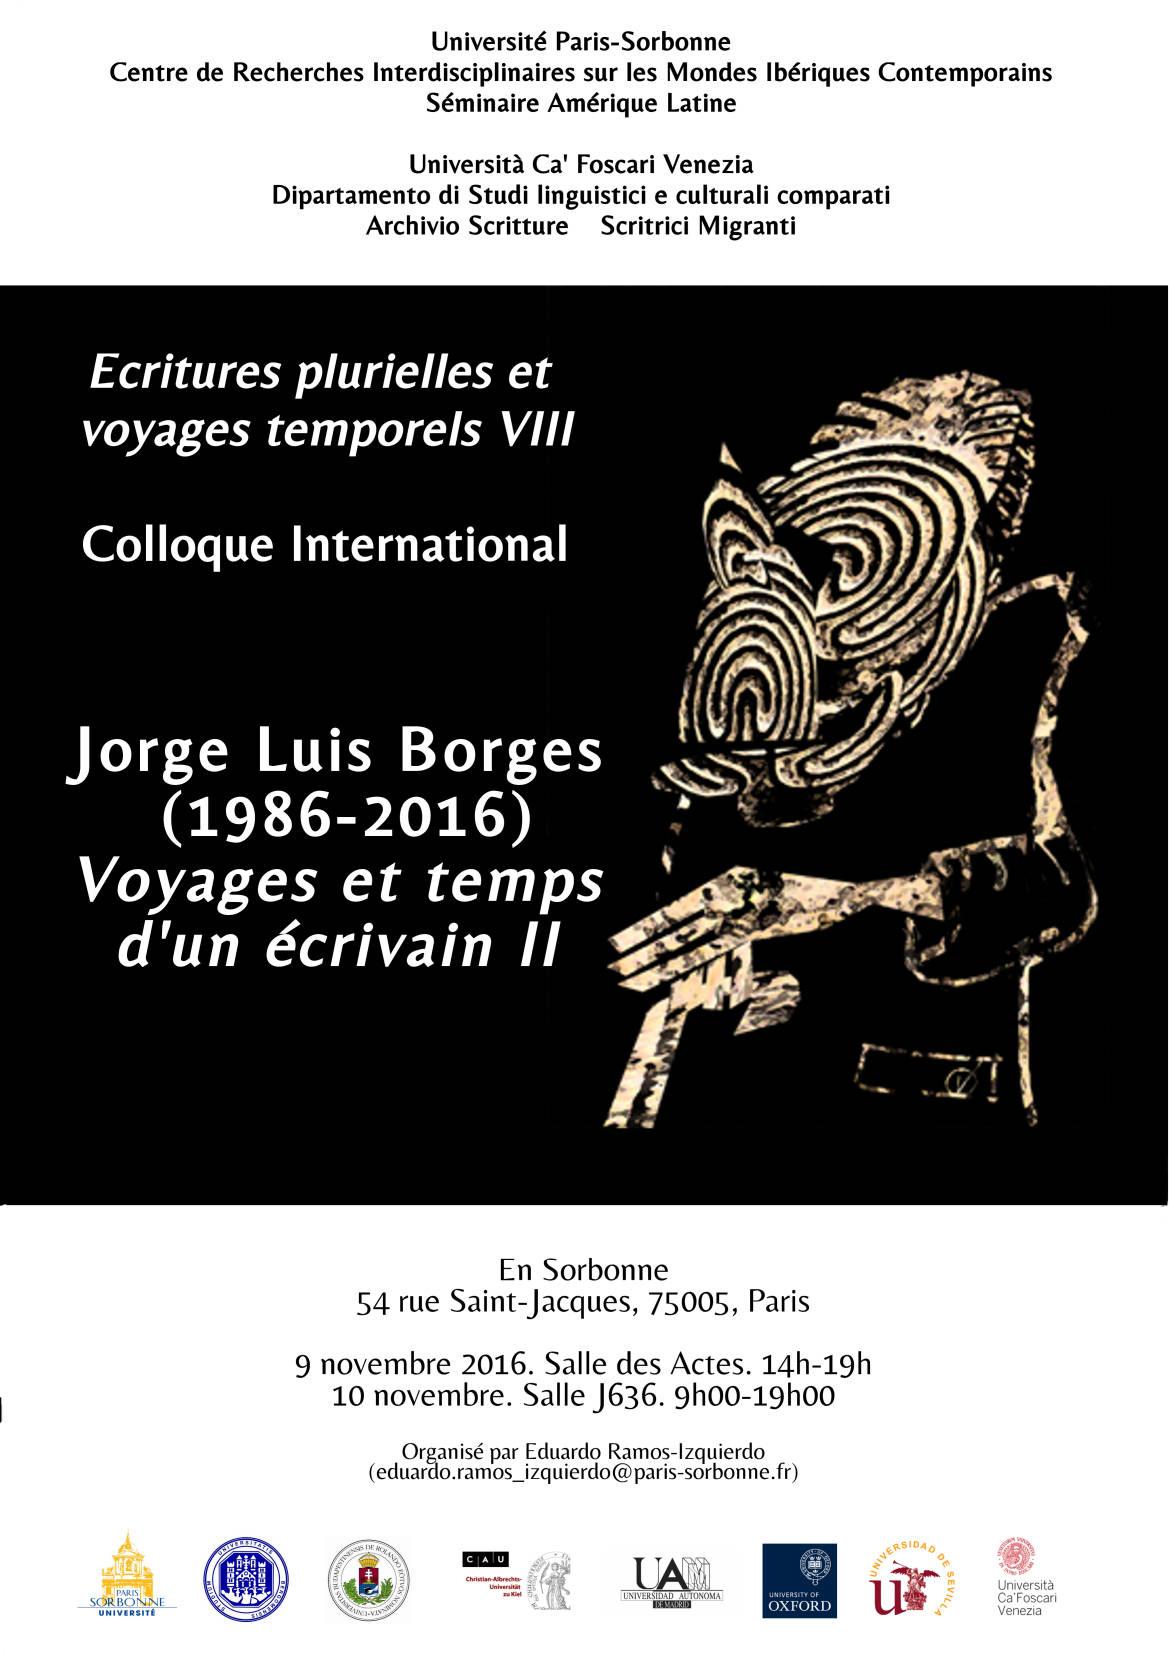 Jorge Luis Borges (1986-2016): Voyages et temps d'un écrivain II